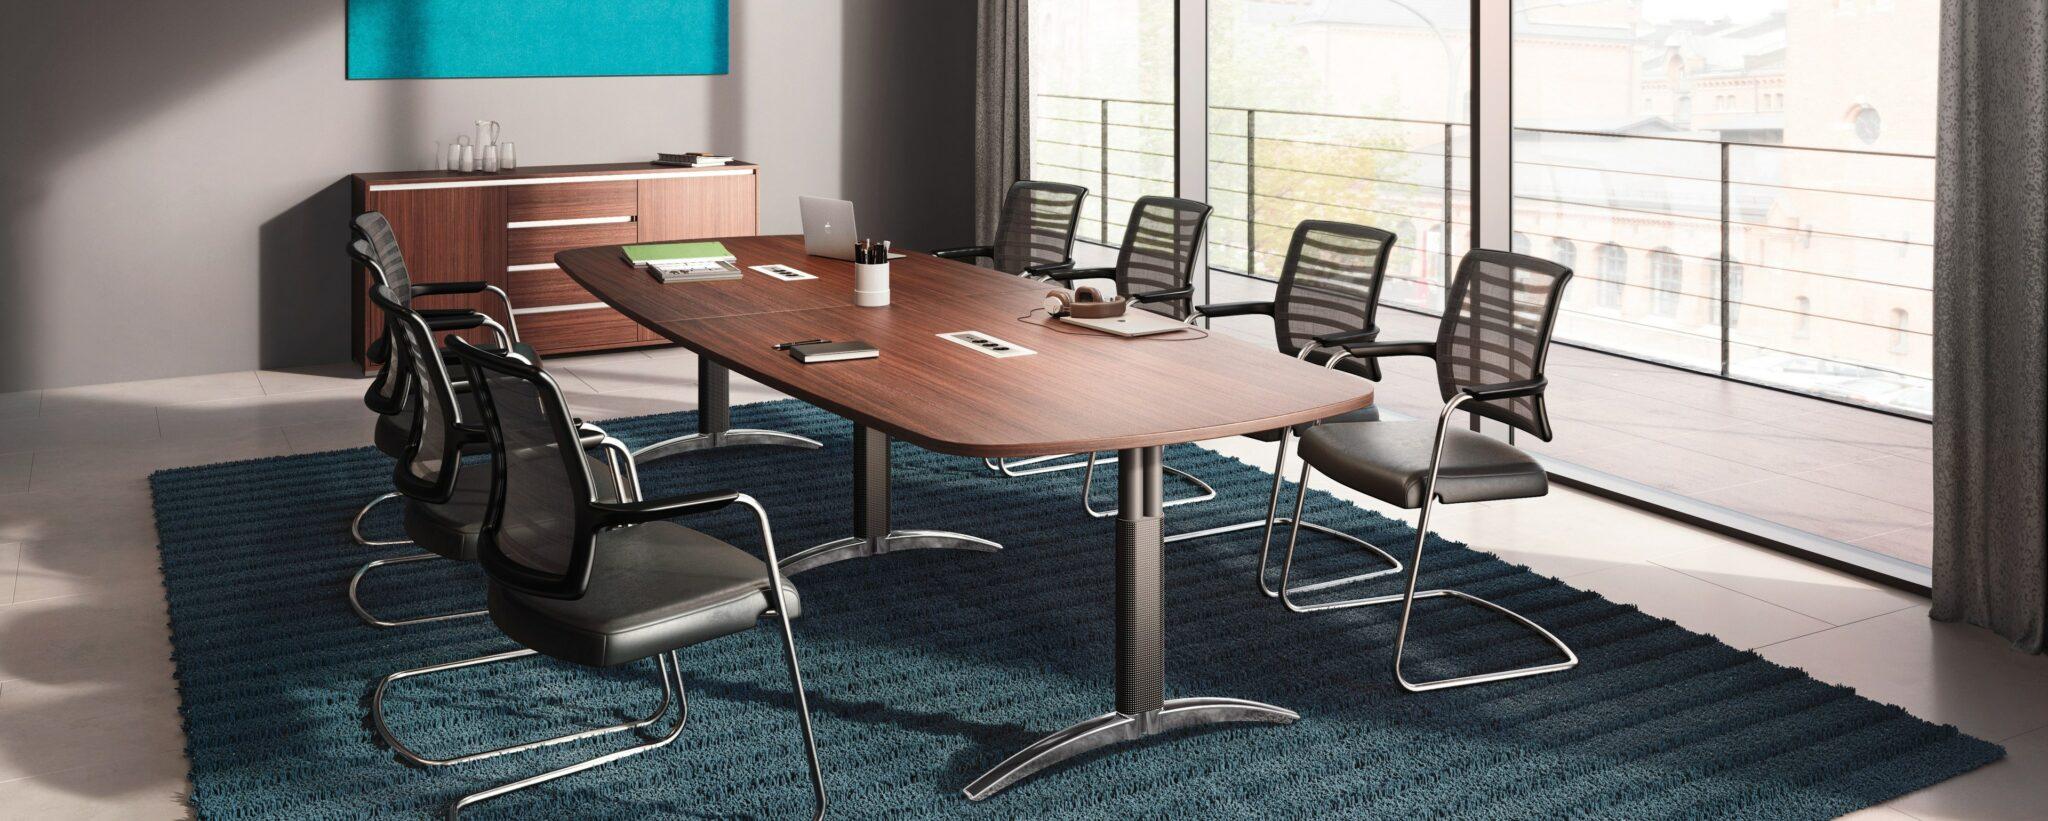 Palmberg kantoormeubelen Den Haag vergadertafel - vergaderstoelen Heering Office